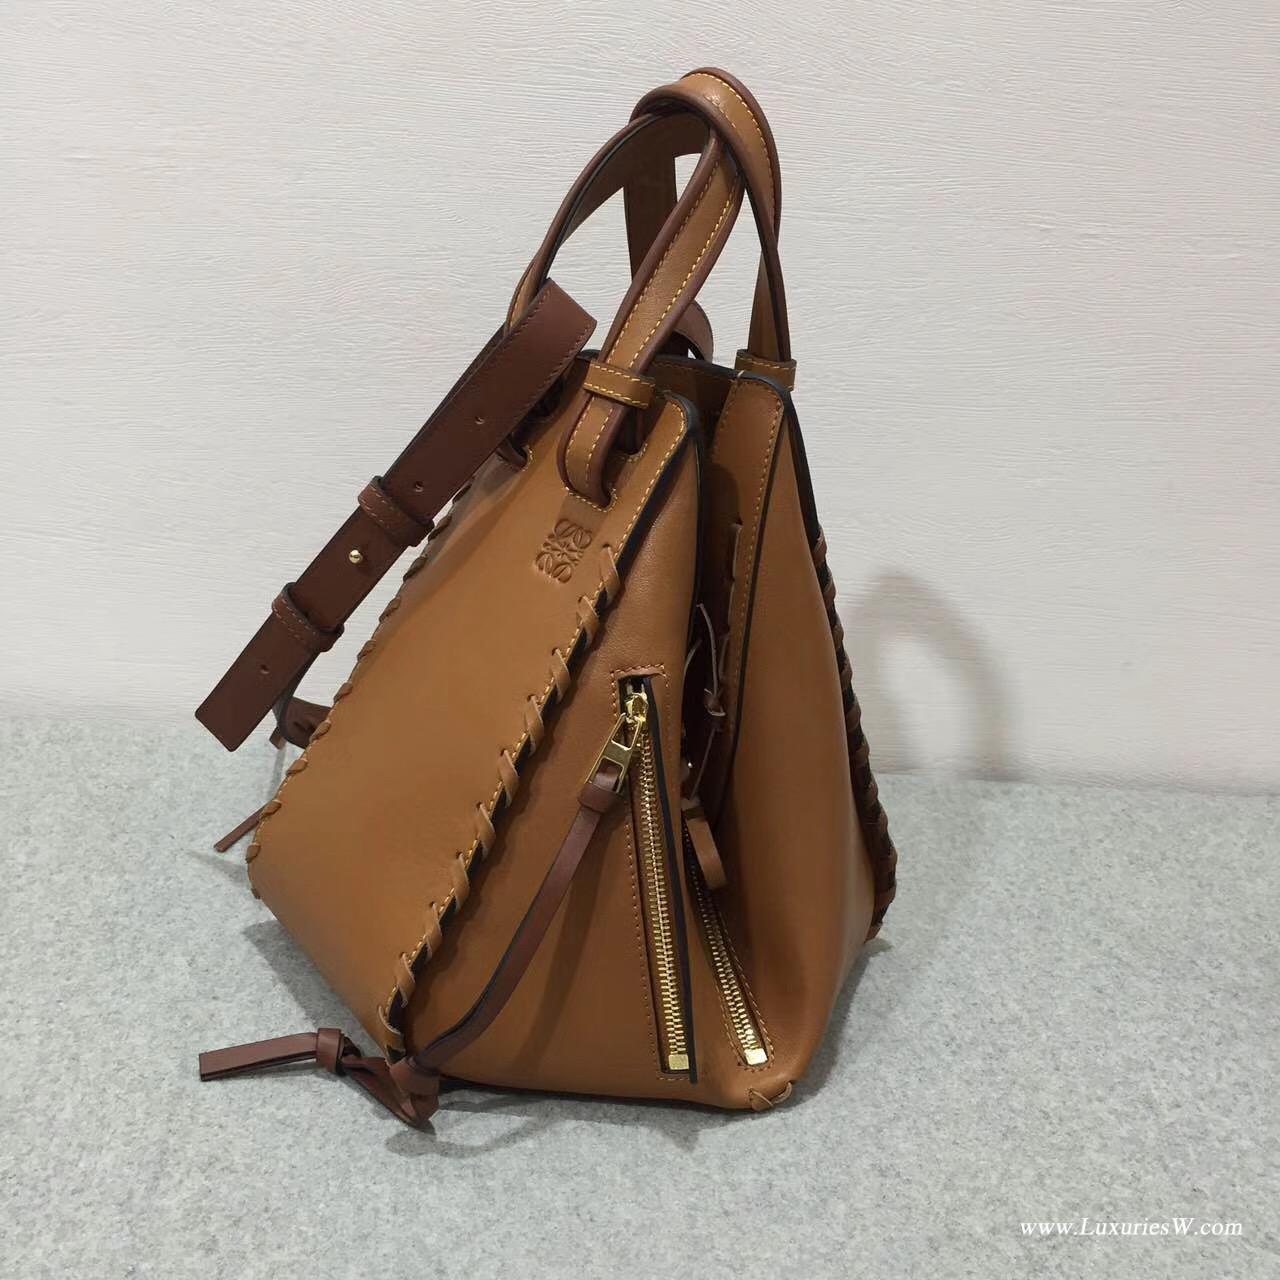 羅意威LOEWE女包 Hammock Bag 秋冬編織系列棕色 吊床折疊拉鏈手提袋